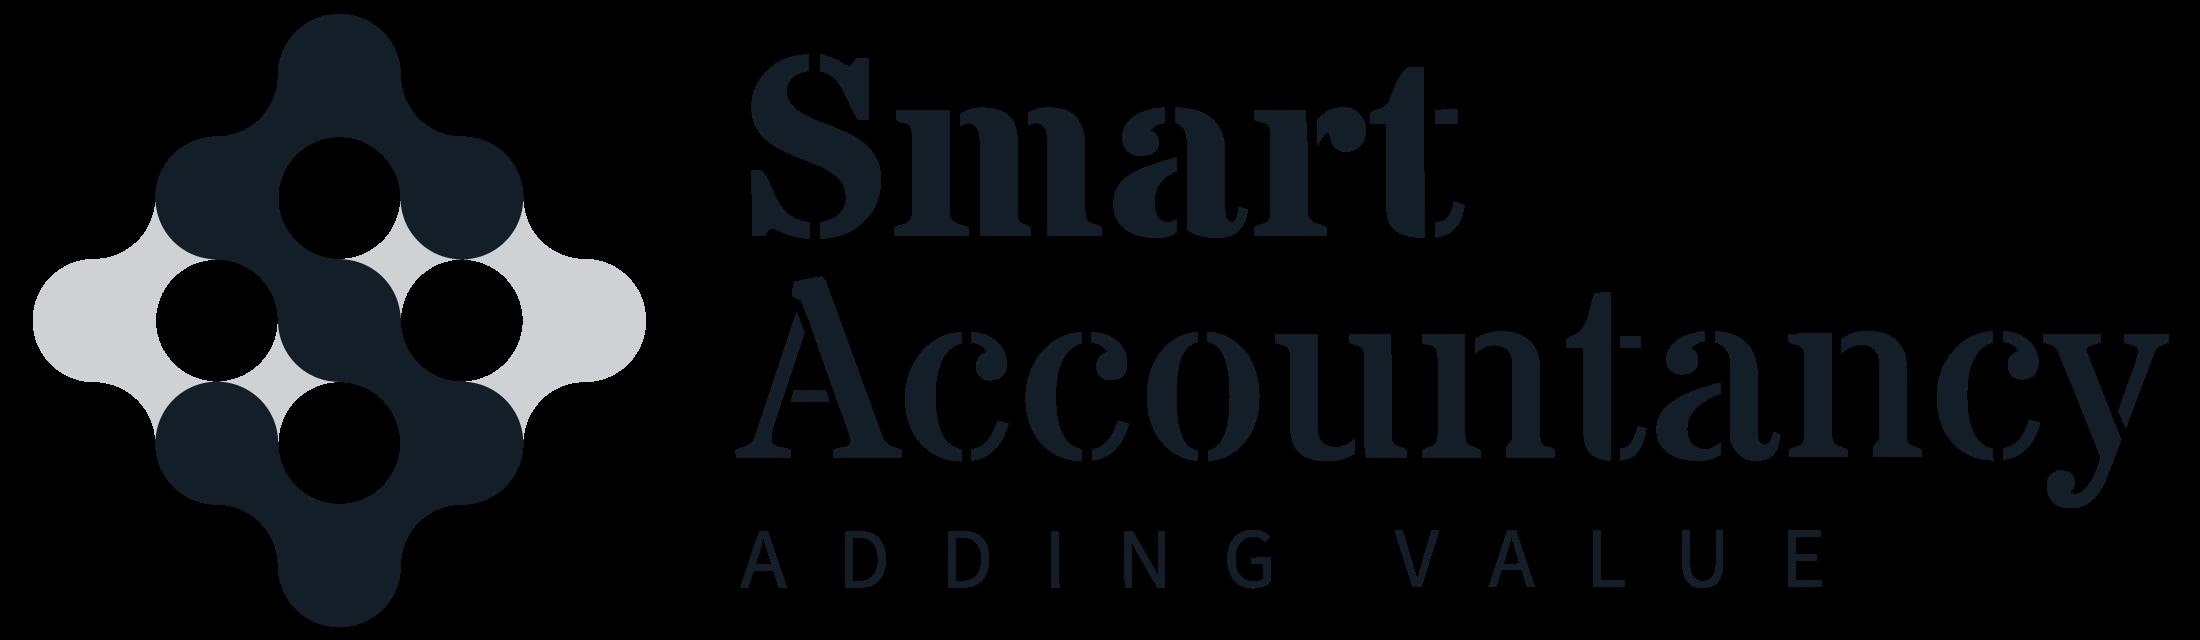 Smart Accountancy